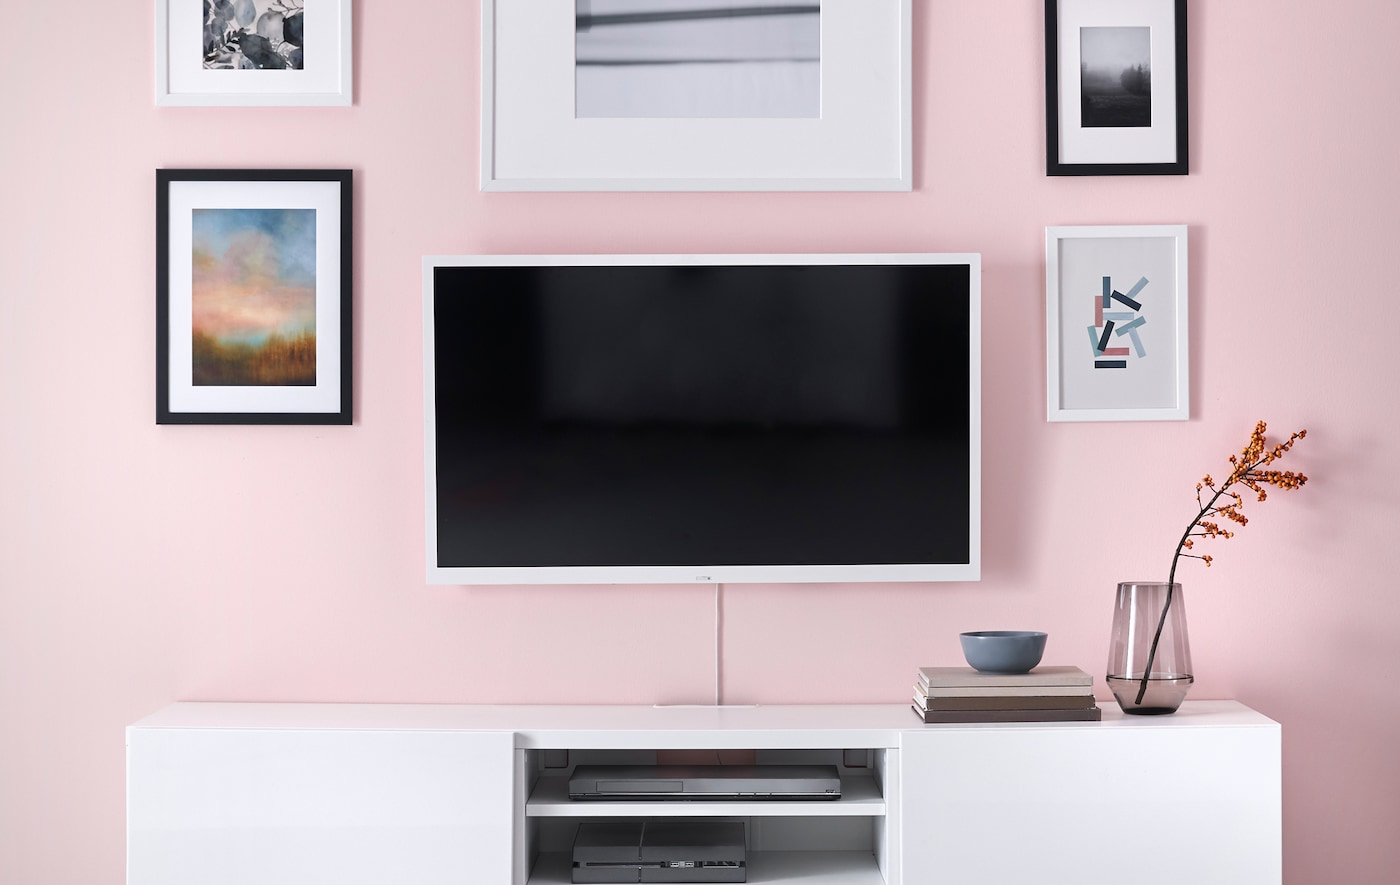 Una TV montada en una pared de salón rosa junto a obras de arte en la pared y encima de un armario blanco.